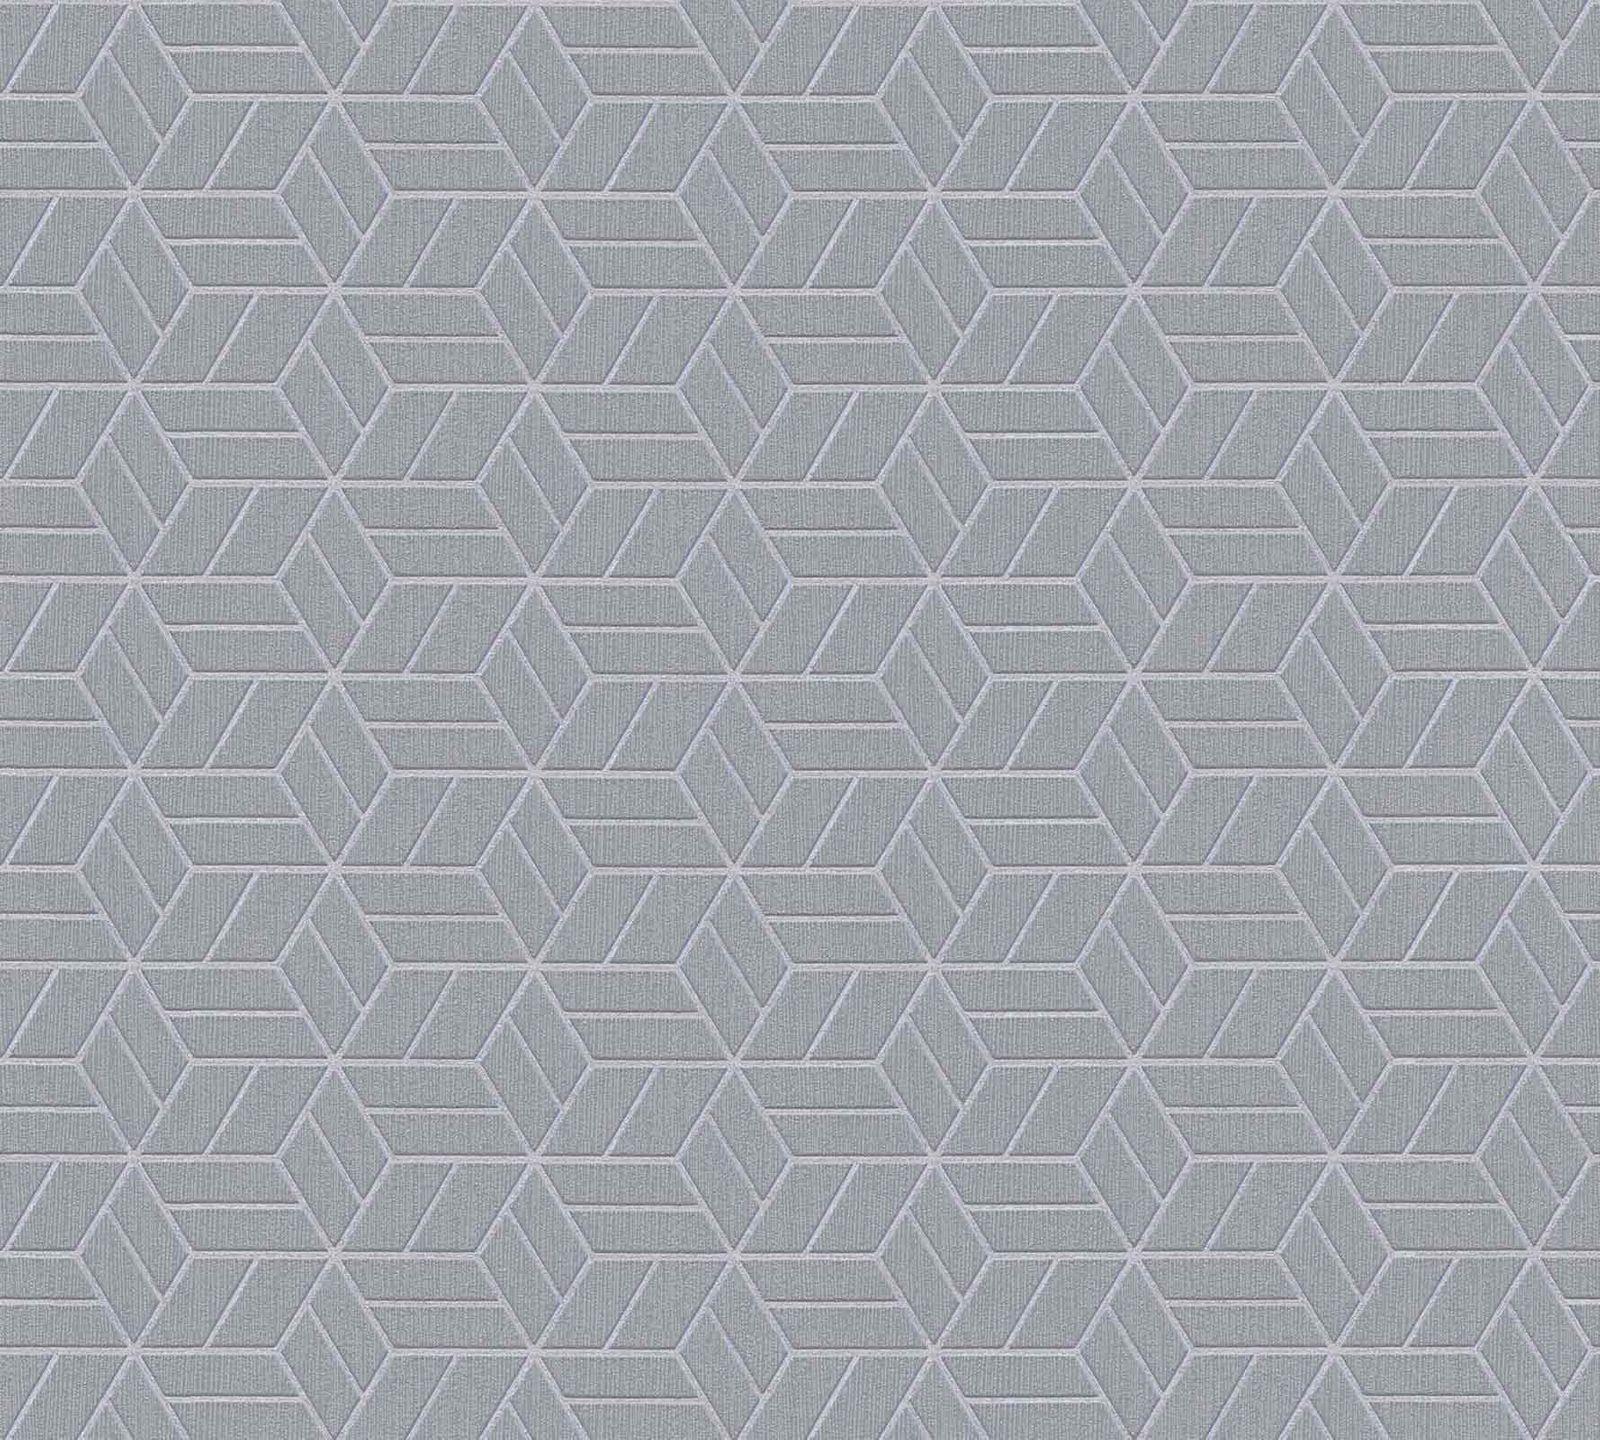 a600e4ece1b333 Vliestapete Grafik Würfel grau silber Glitzer 36920-4 001. ×. Muster  bestellen